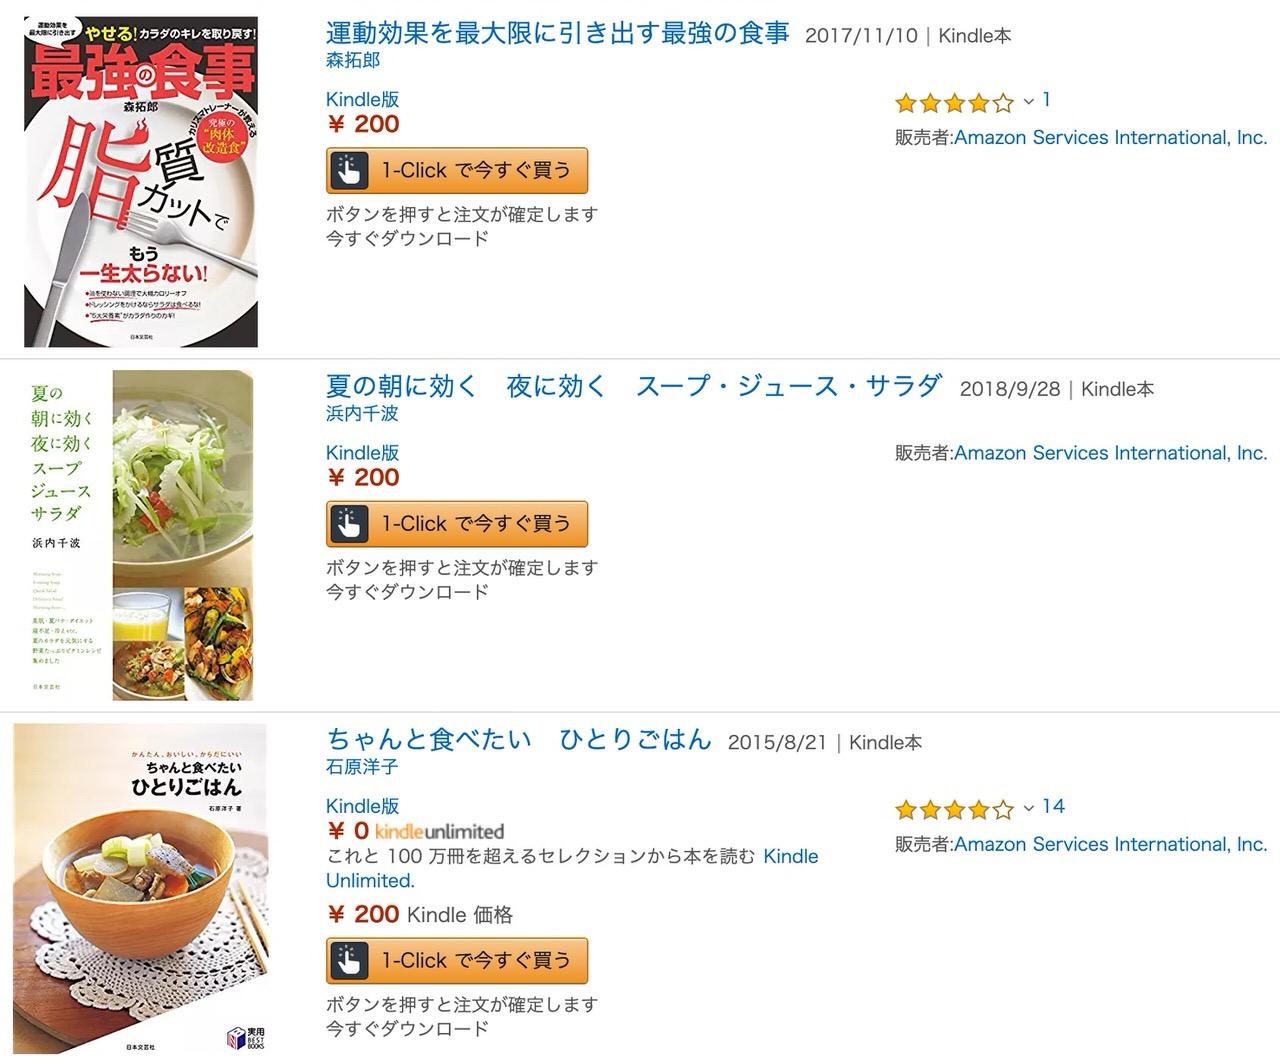 【Kindleセール】200円均一!「かんたん!おいしい!作りたい!毎日使えるレシピ本フェア」(6/20まで)